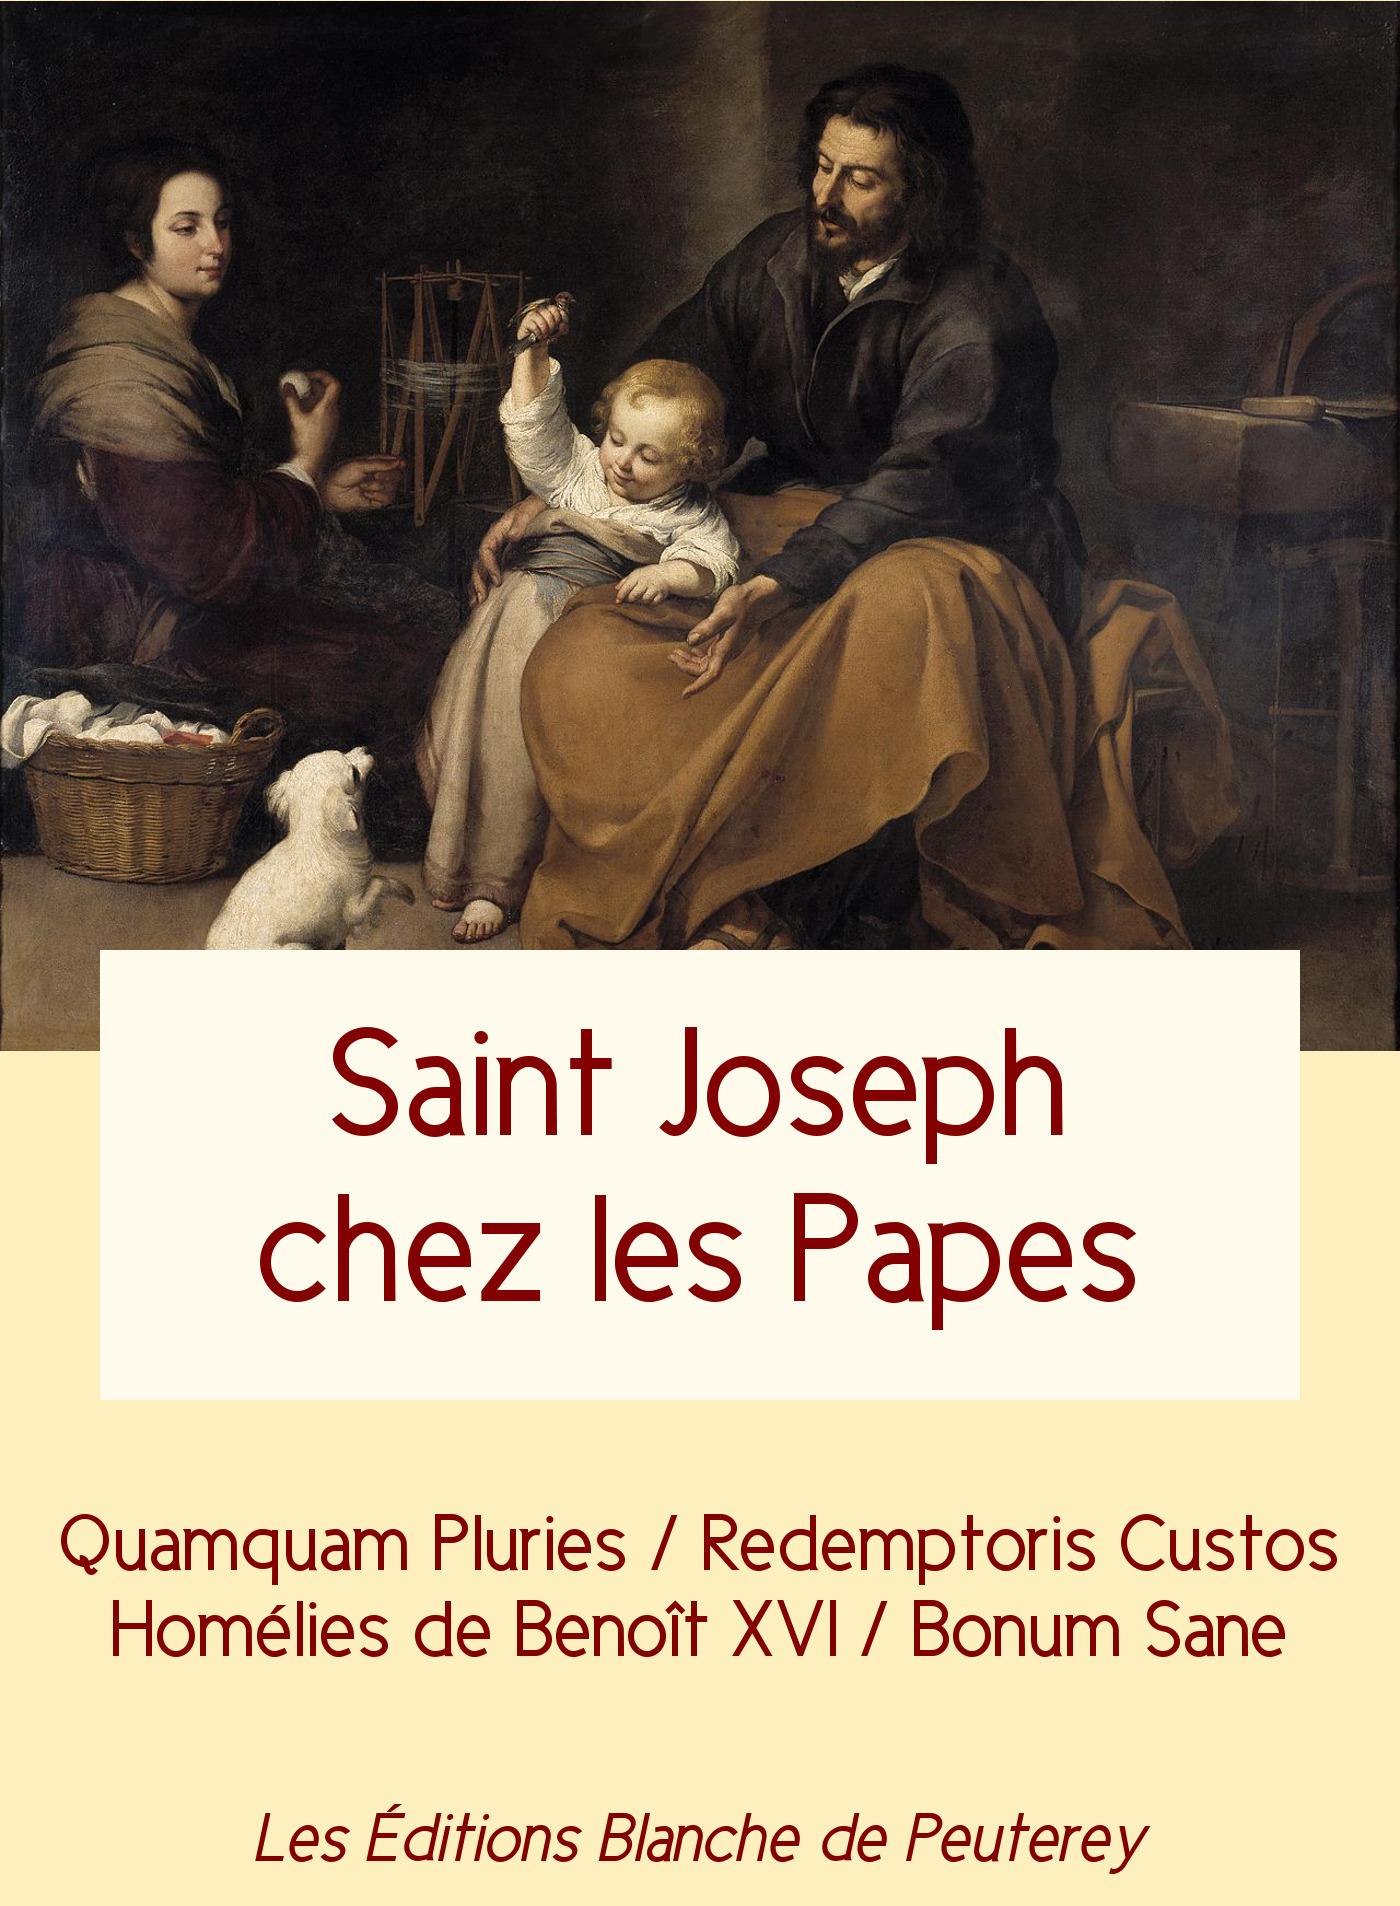 Saint Joseph chez les Papes